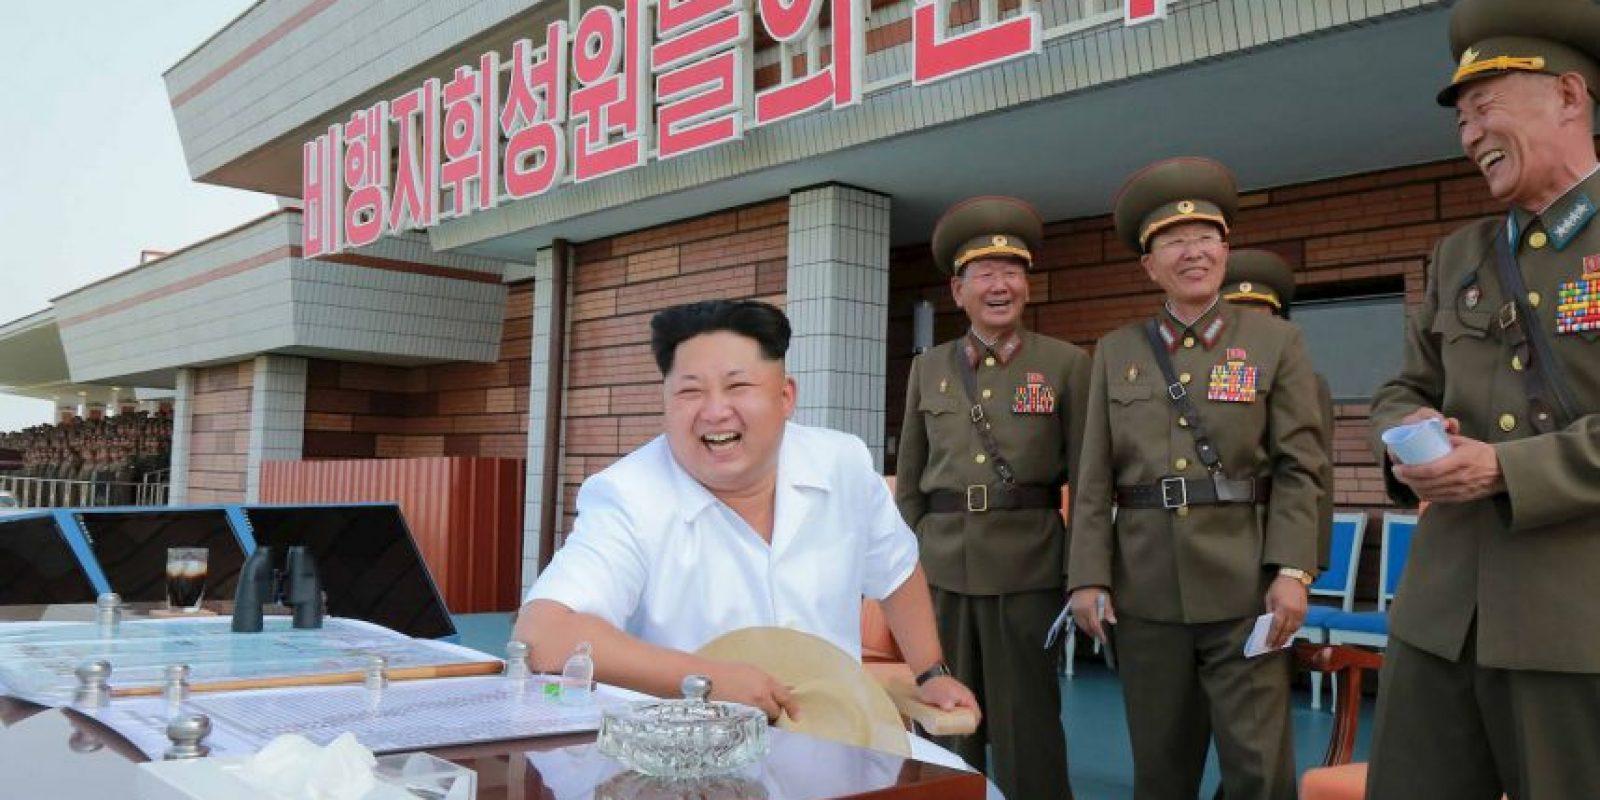 De acuerdo al Servicio Nacional de Inteligencia de Corea del Sur, fue ejecutado frente a cientos de testigos en mayo pasado por quedarse dormido Foto:AFP